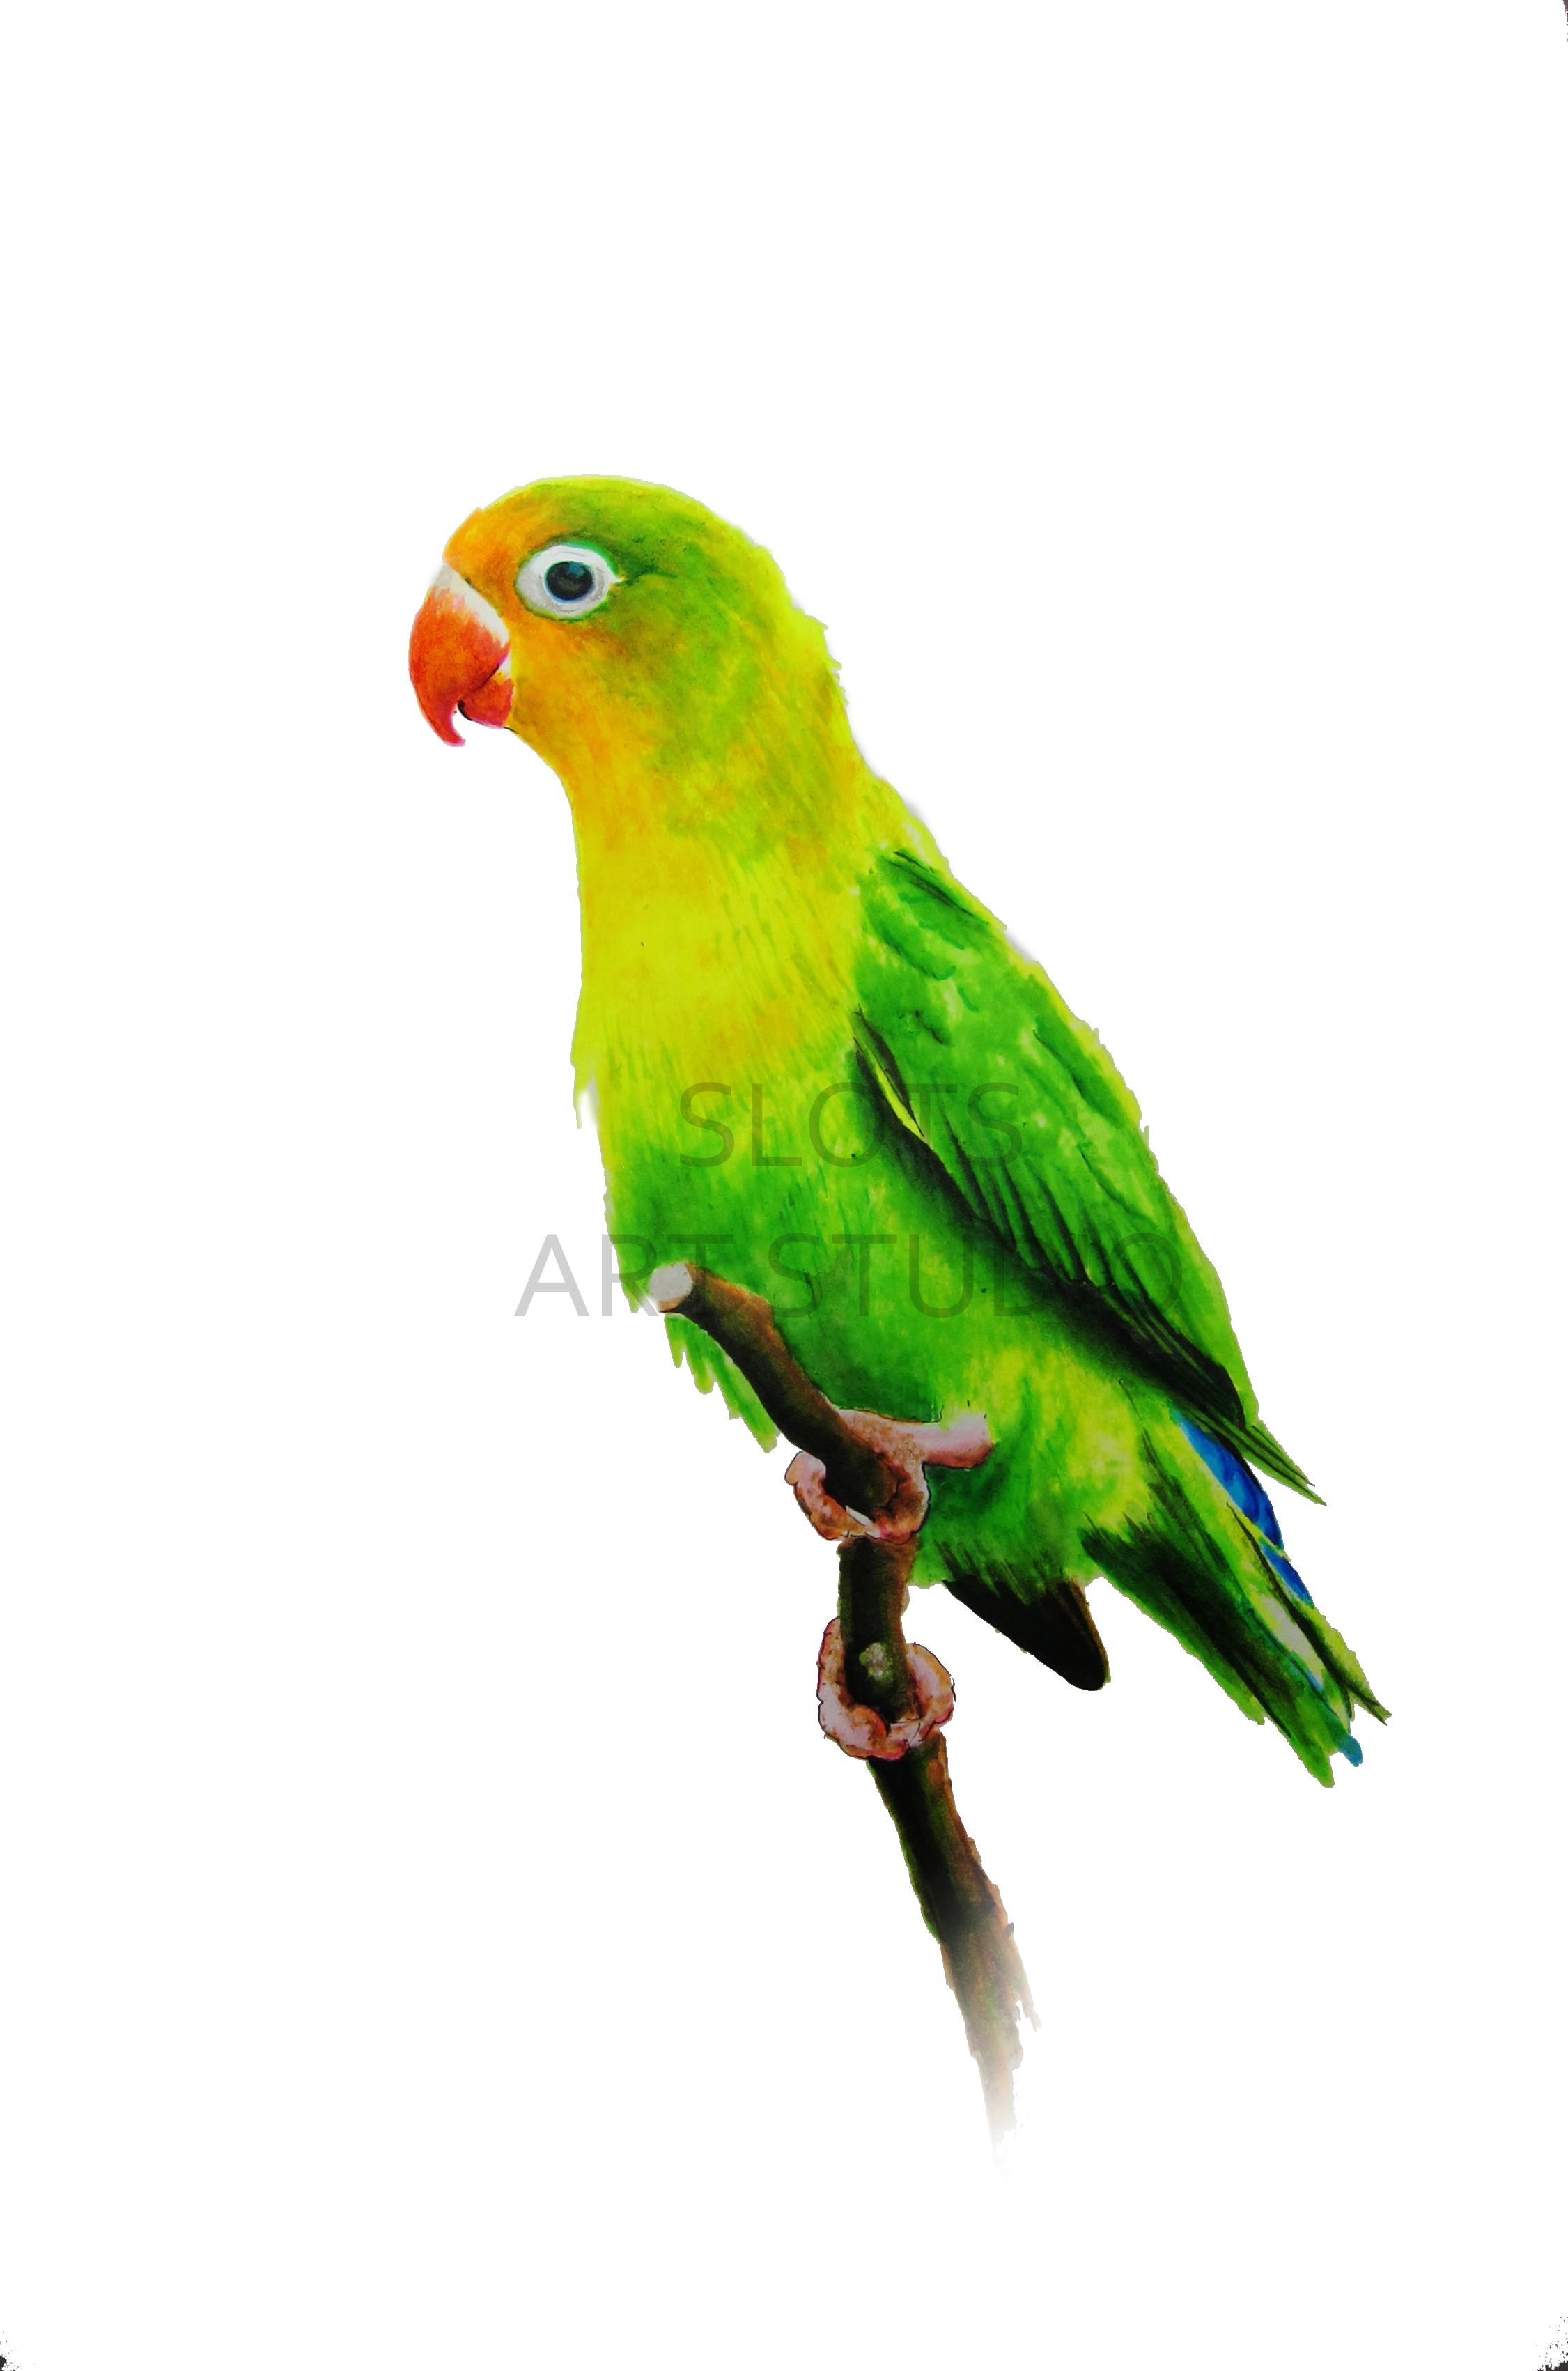 2251x3403 Fischer's Lovebird It Was Specifically Chosen To Make A Nice